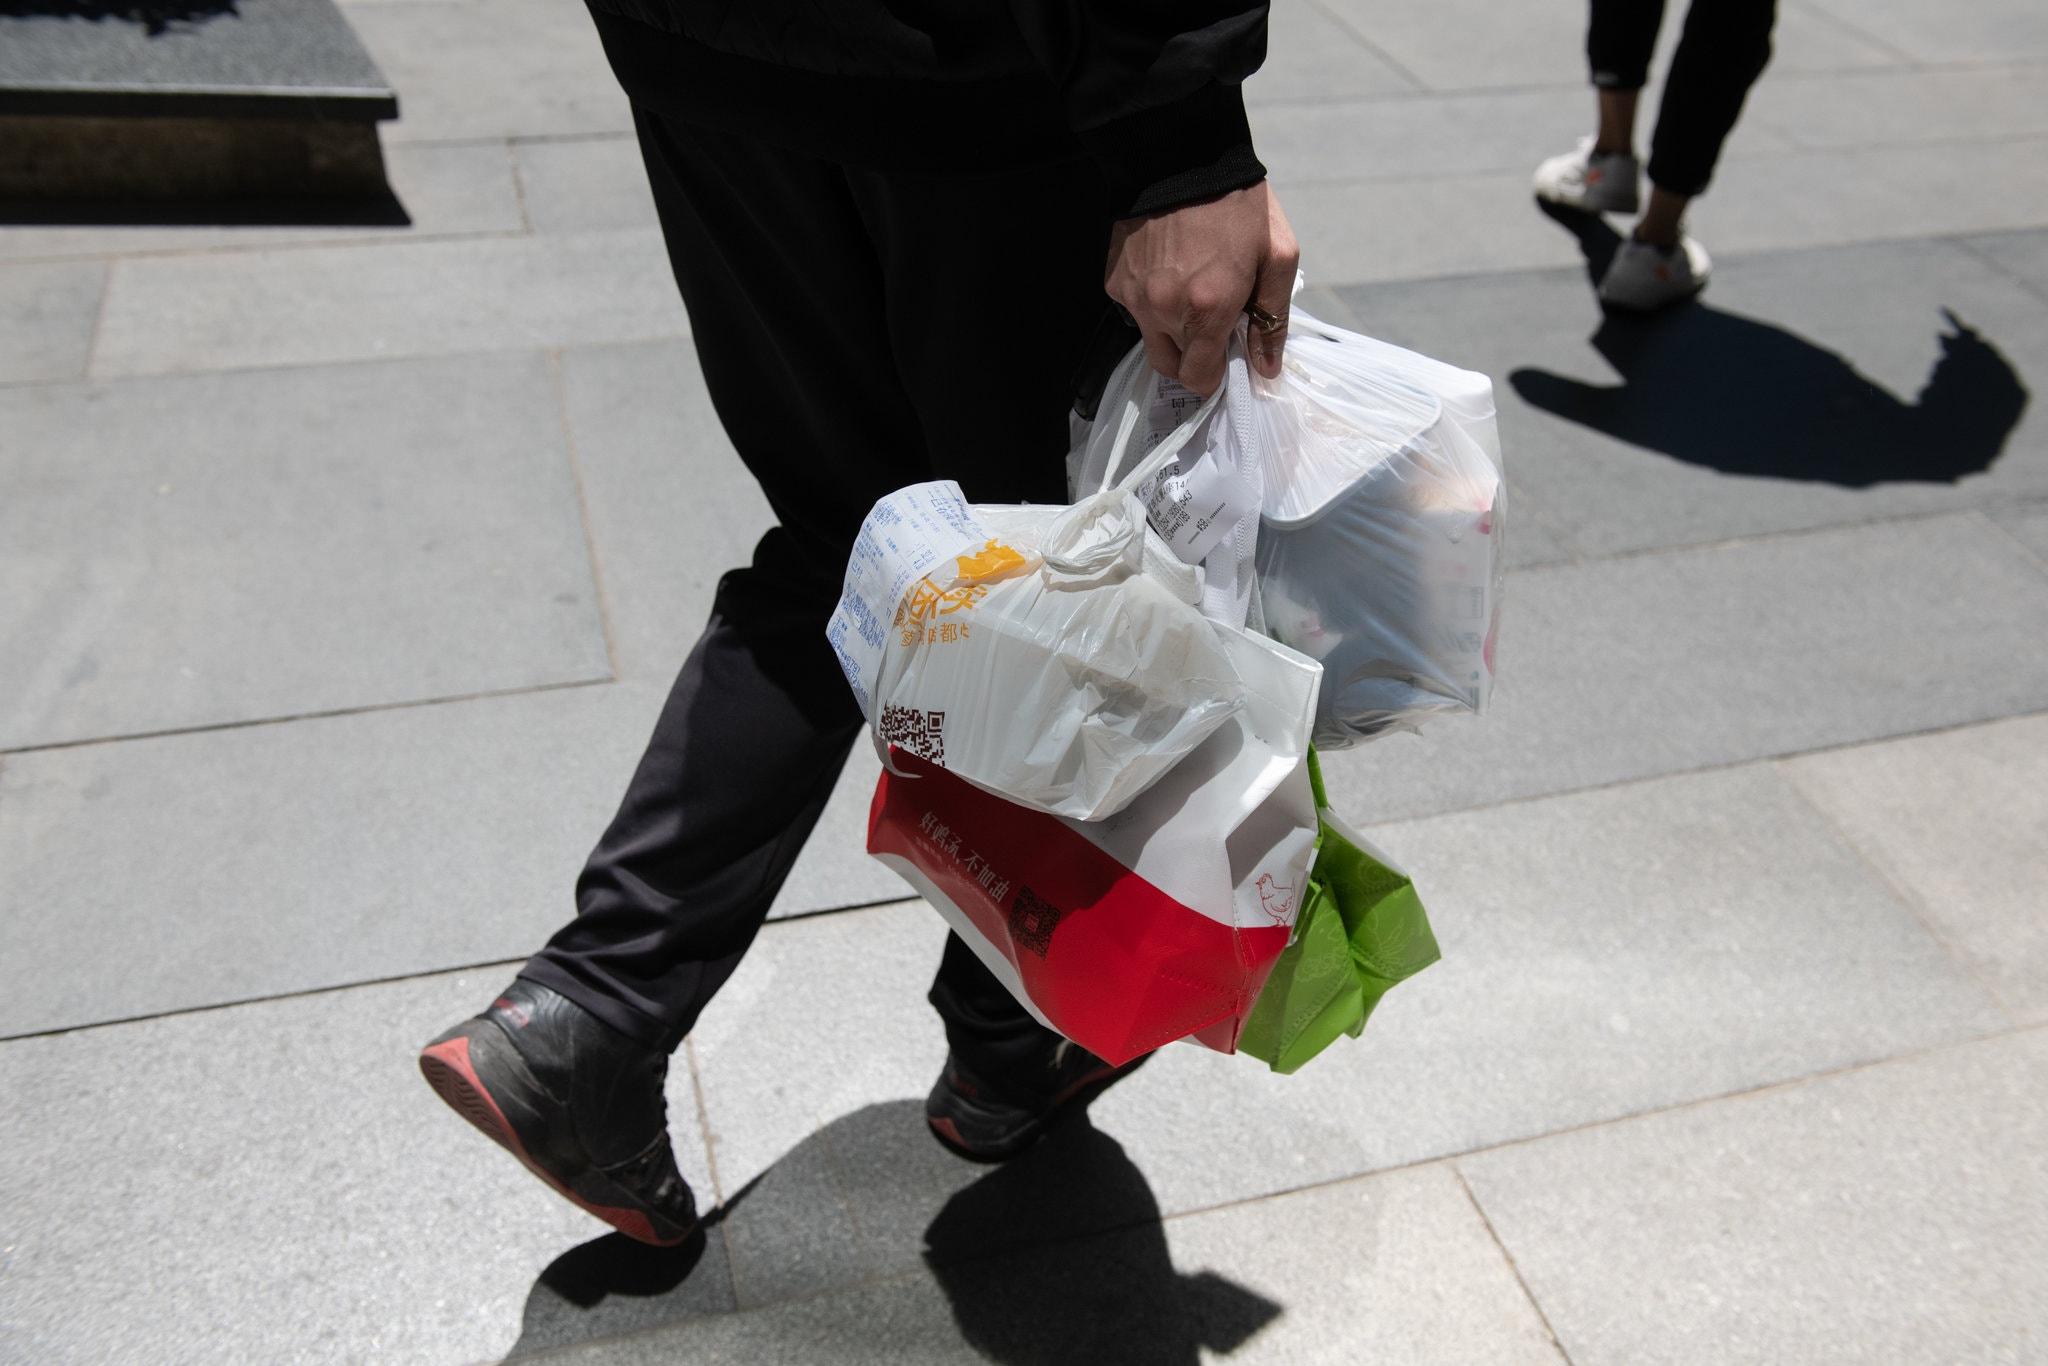 포장용기를 재활용하려면 먼저 깨끗하게 씻어야 한다. 하지만 사람들은 그냥 버리고 만다. ⓒNa Zhou for The New York Times